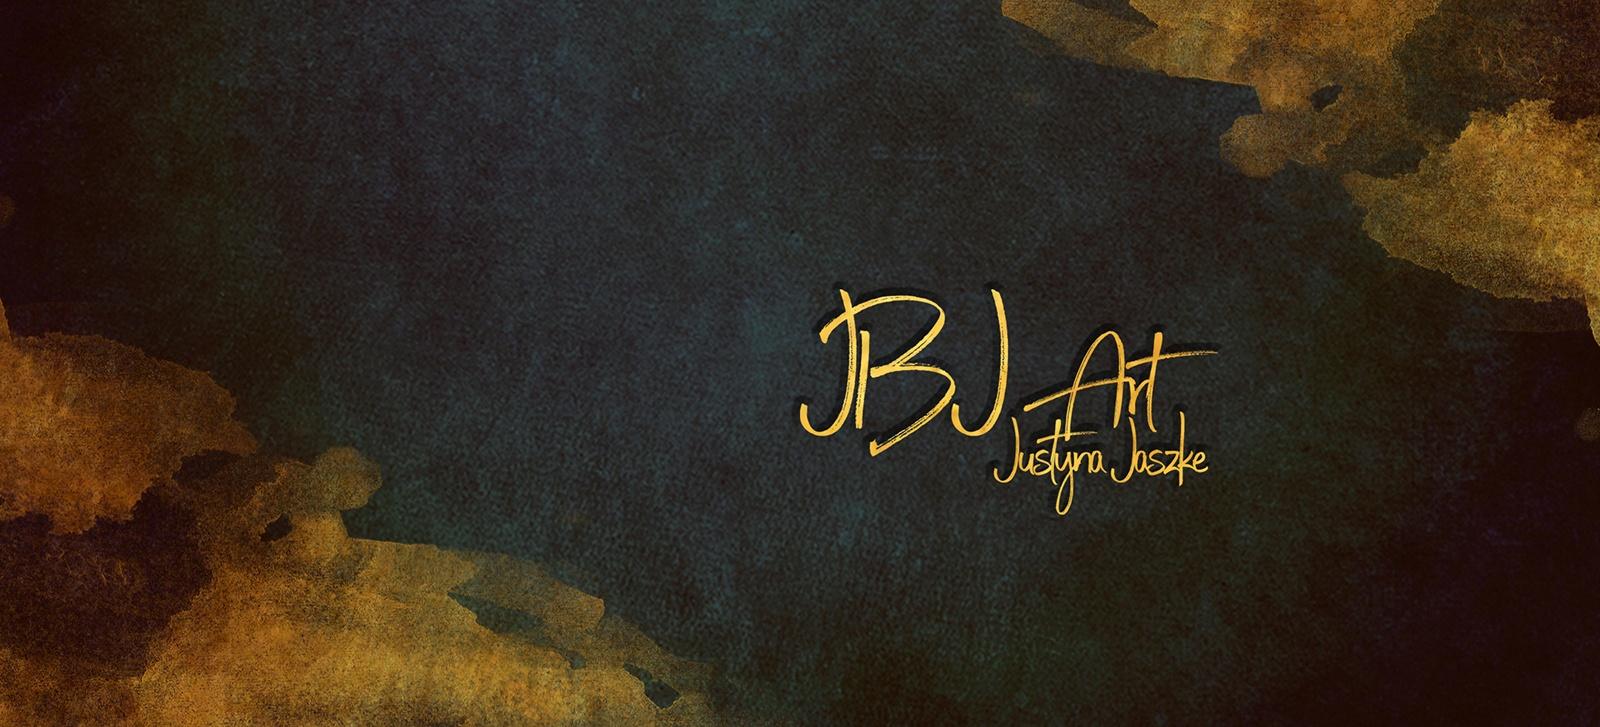 jbjart Cover